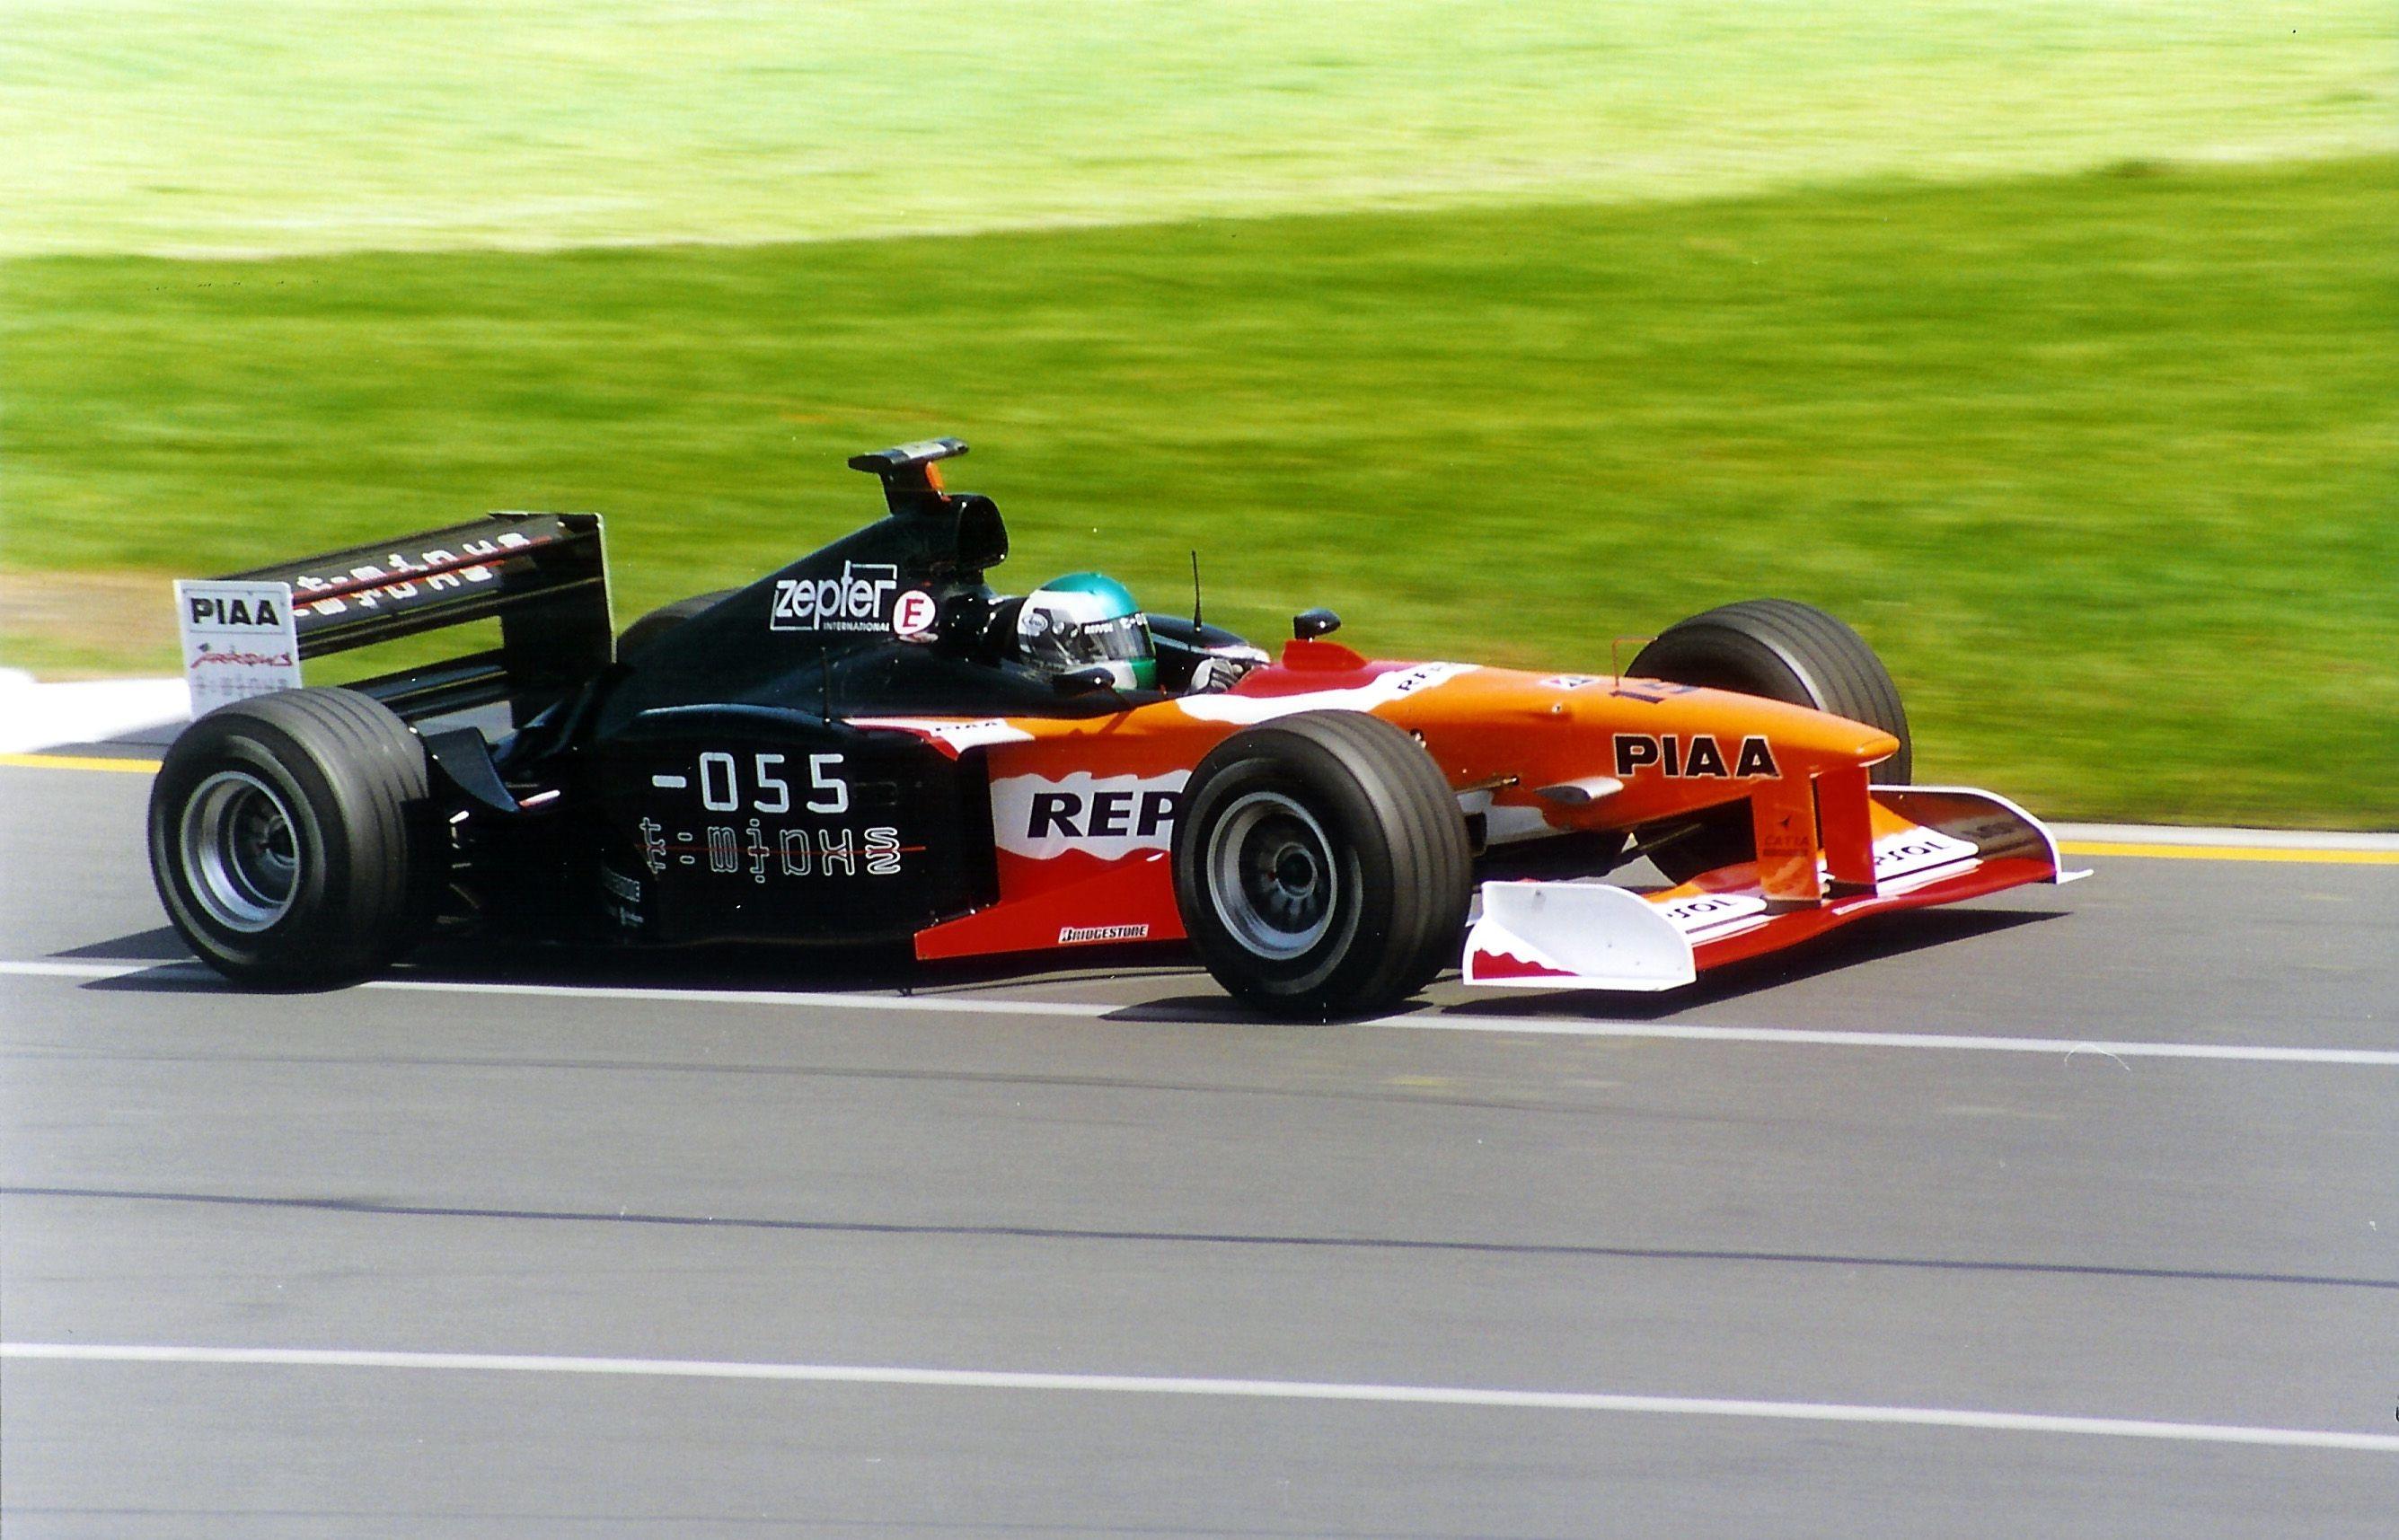 F1 Car Diagram 1990s formula 1 Teams by Image Quiz by andreacosmo1994 Of F1 Car Diagram